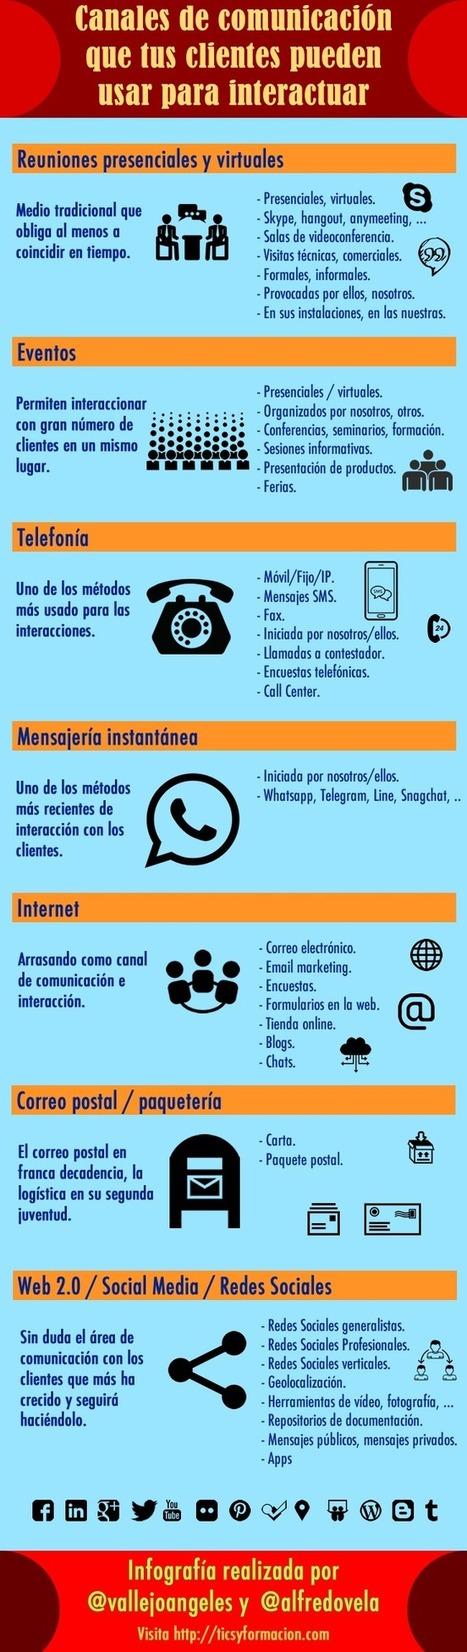 Canales de comunicación para interactuar con tus clientes #infografia #infographic #marketing | infografiando | Scoop.it